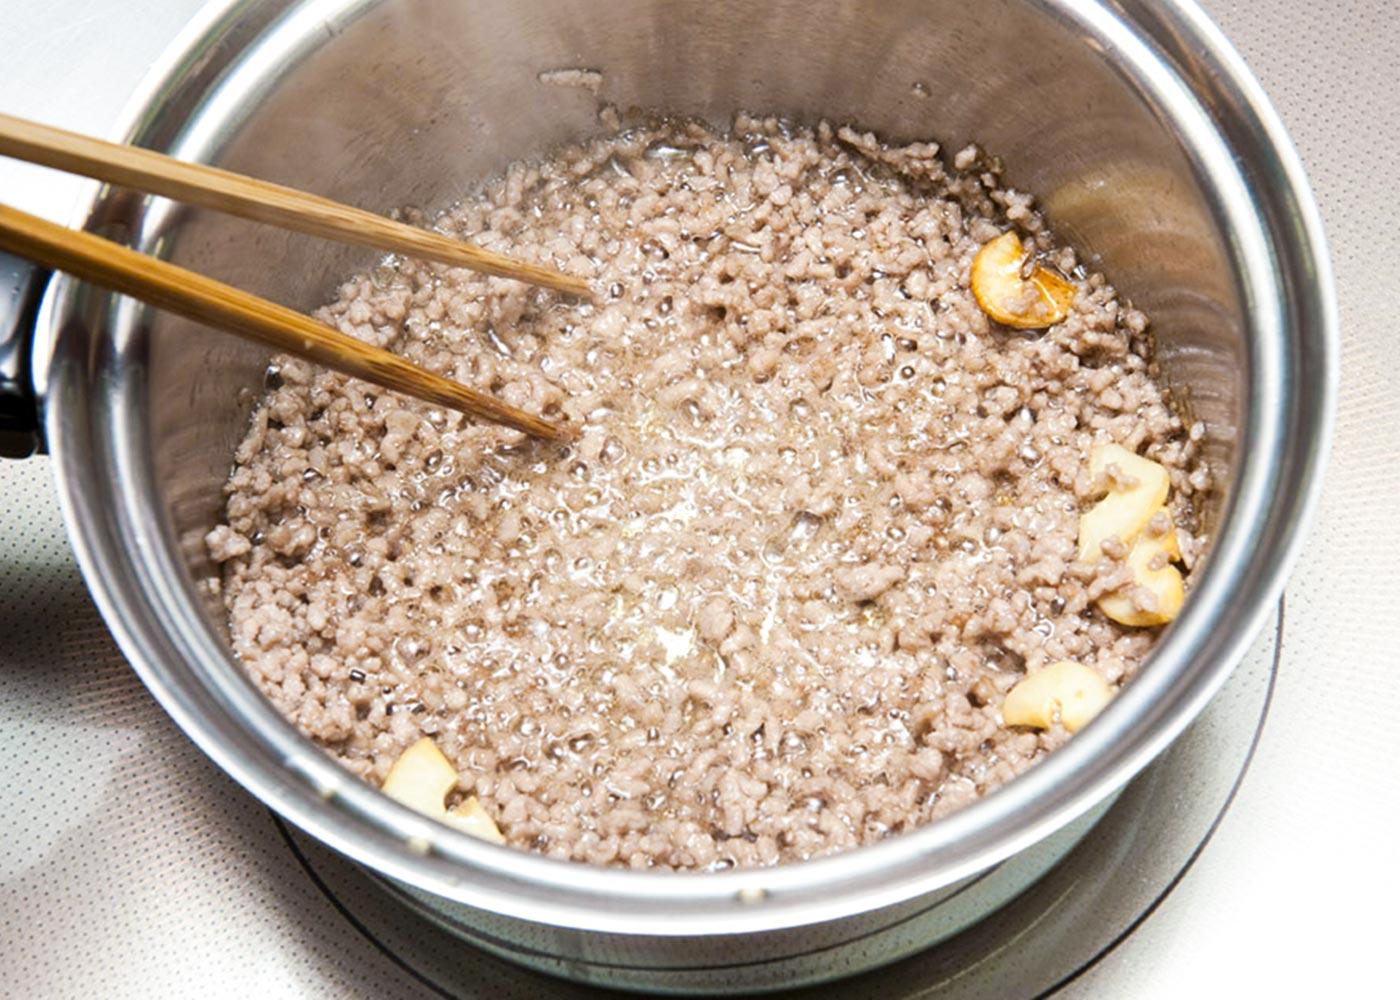 鍋にごま油とにんにくを入れ、弱火にかける。いい香りが立ってきたら、豚ひき肉を加え、強火で炒める。